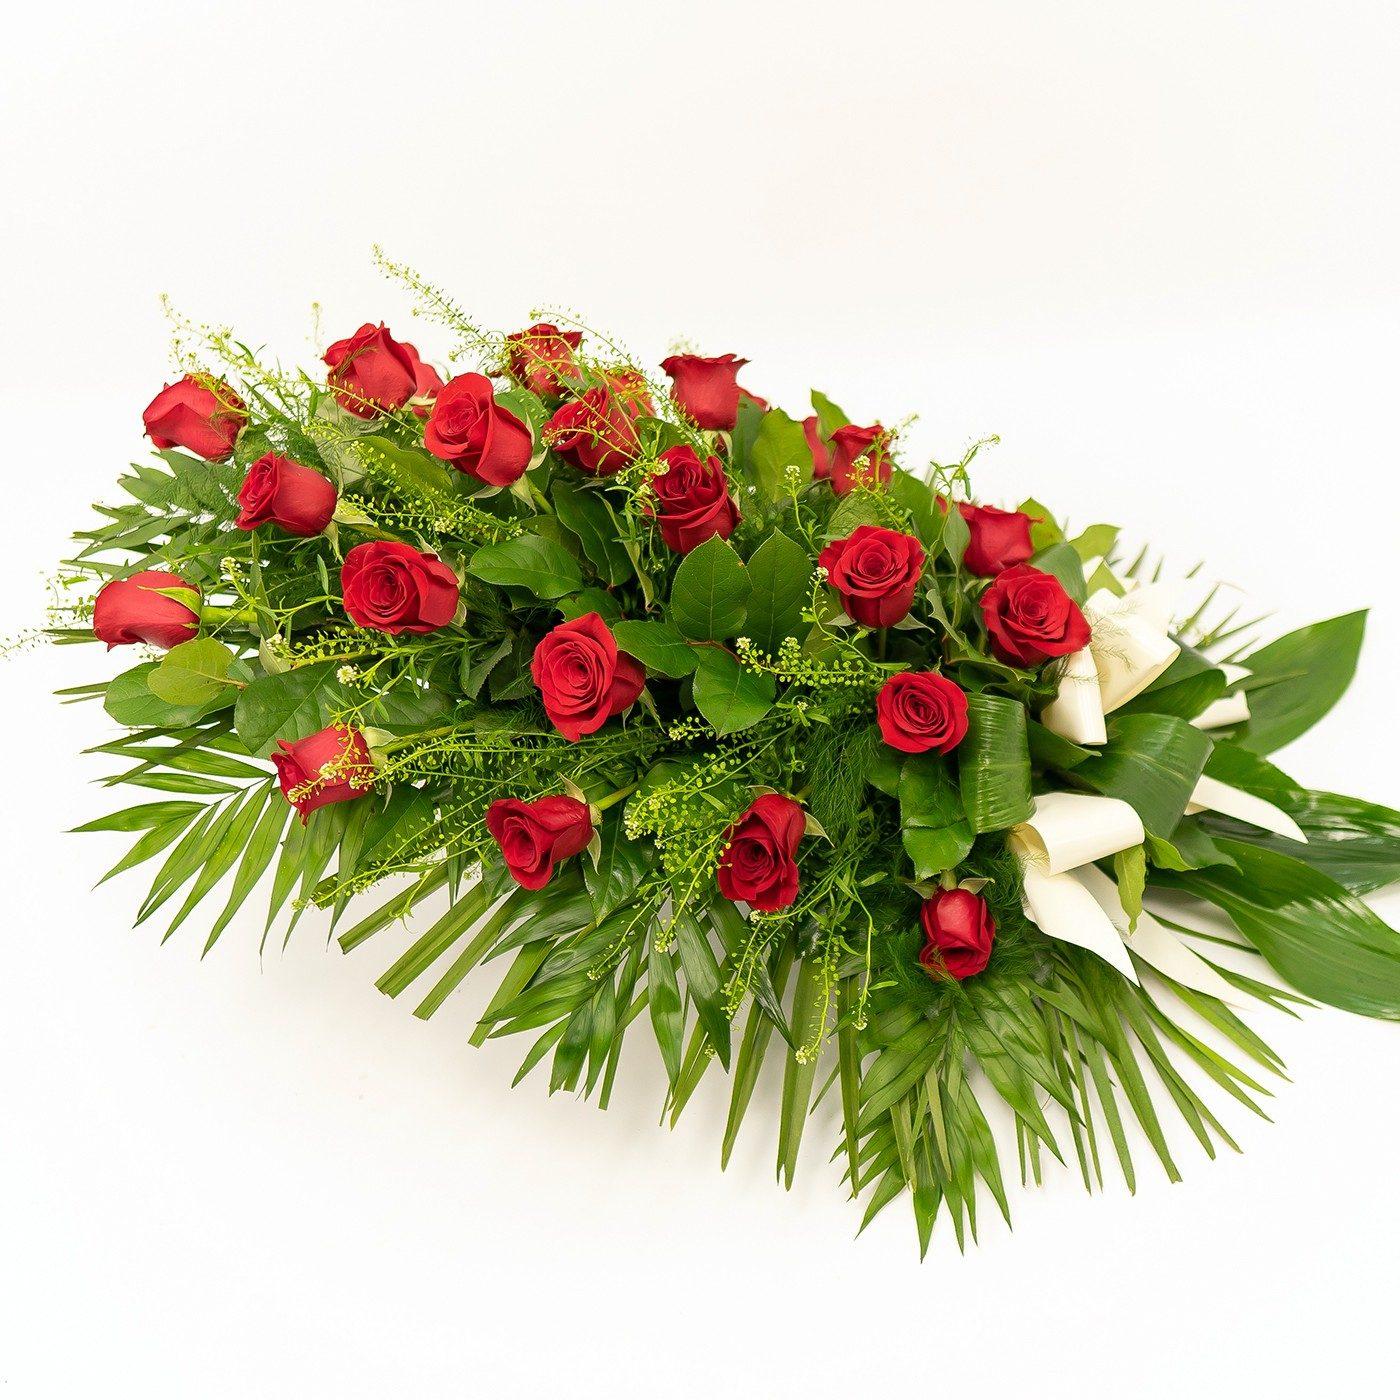 Comprar Ramo de rosas rojas Barcelona